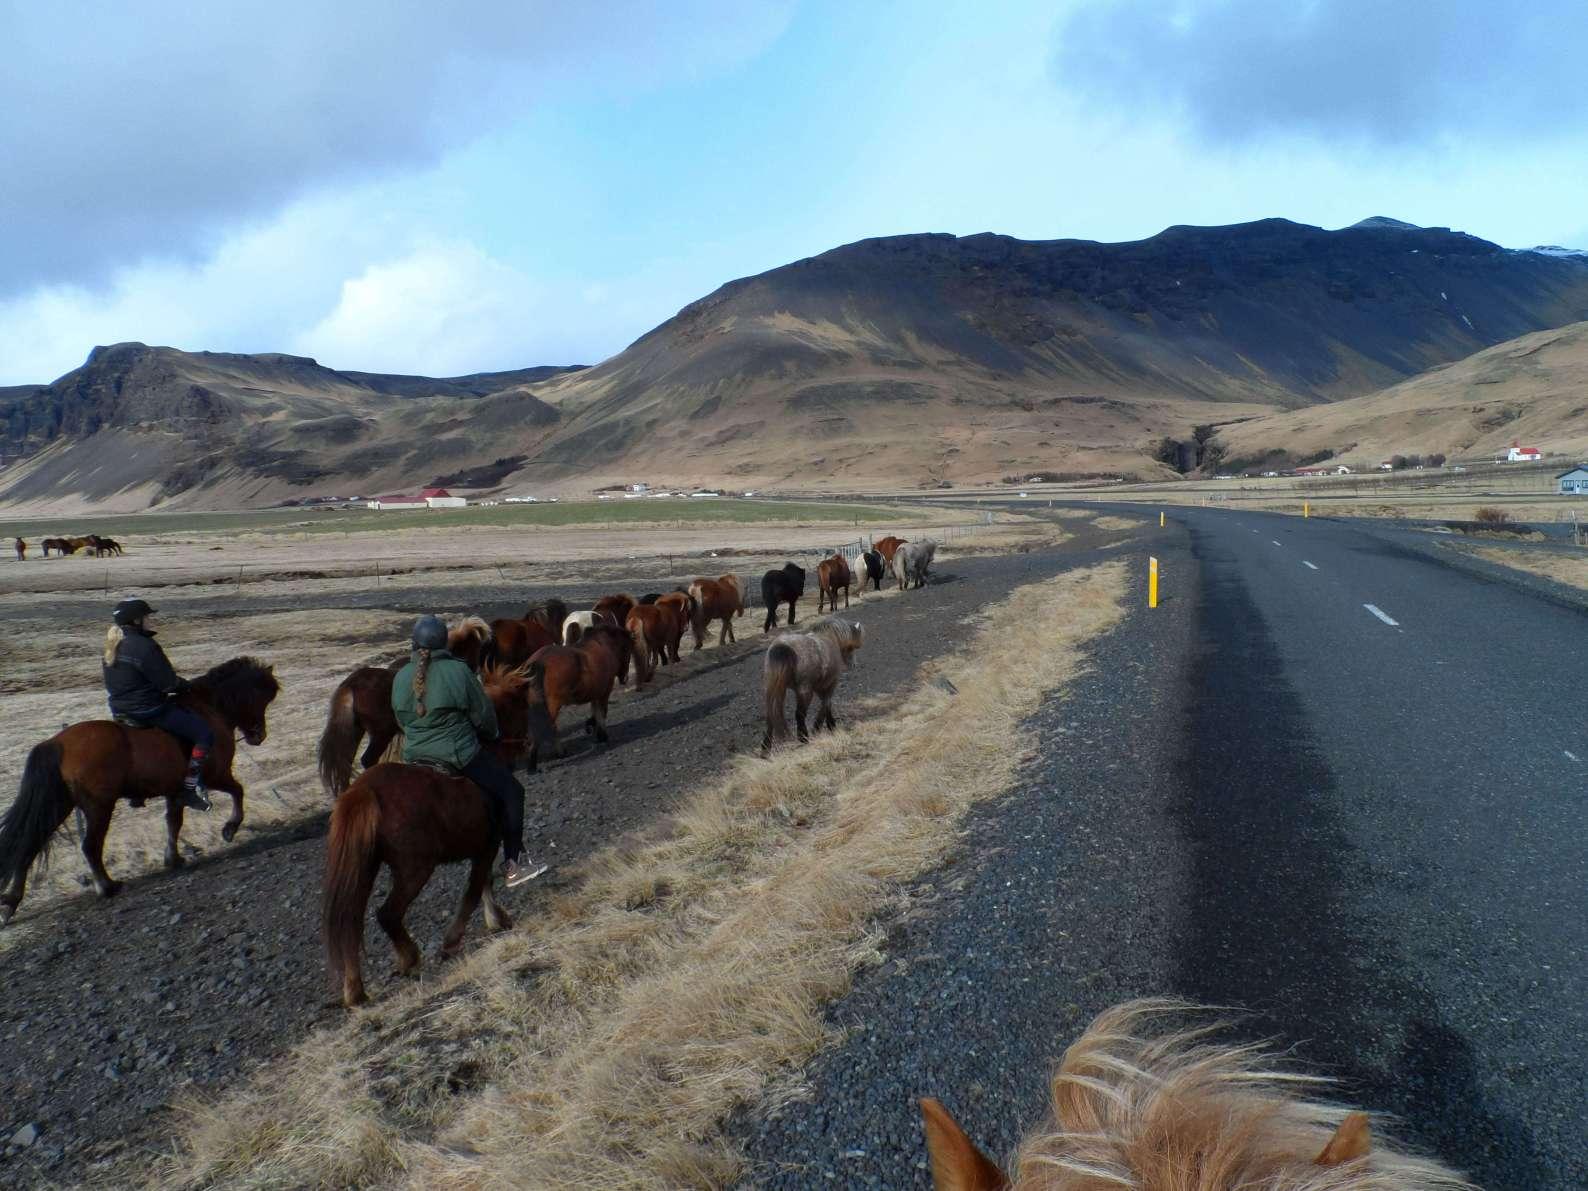 Paarden drijven